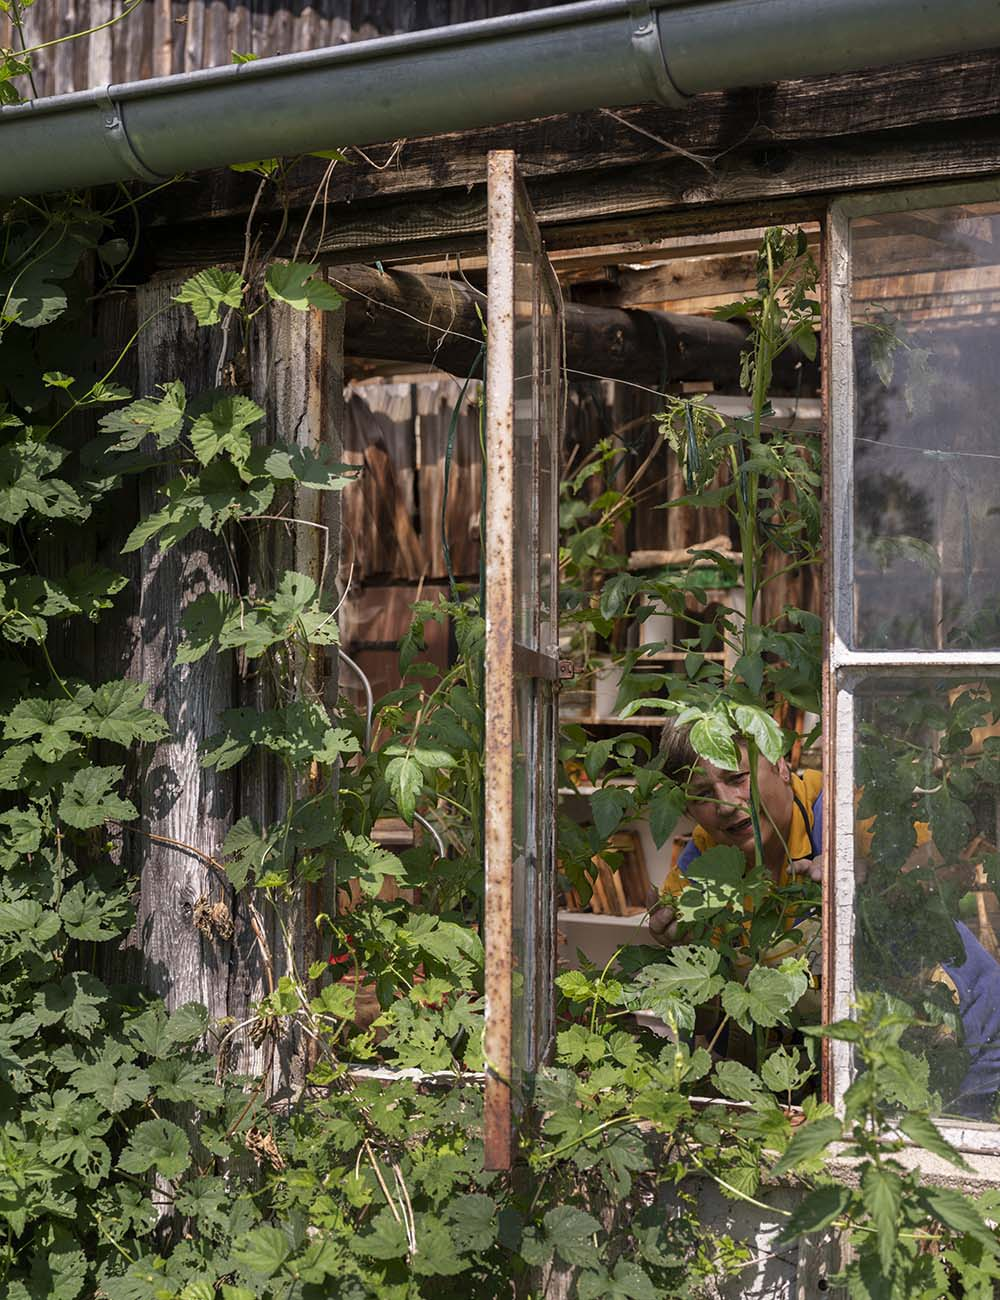 Das Foto zeigt Birgit Wahlen in ihrem Gewächshaus. Sie ist hinter einigen Gurkenpflanzen zu sehen.